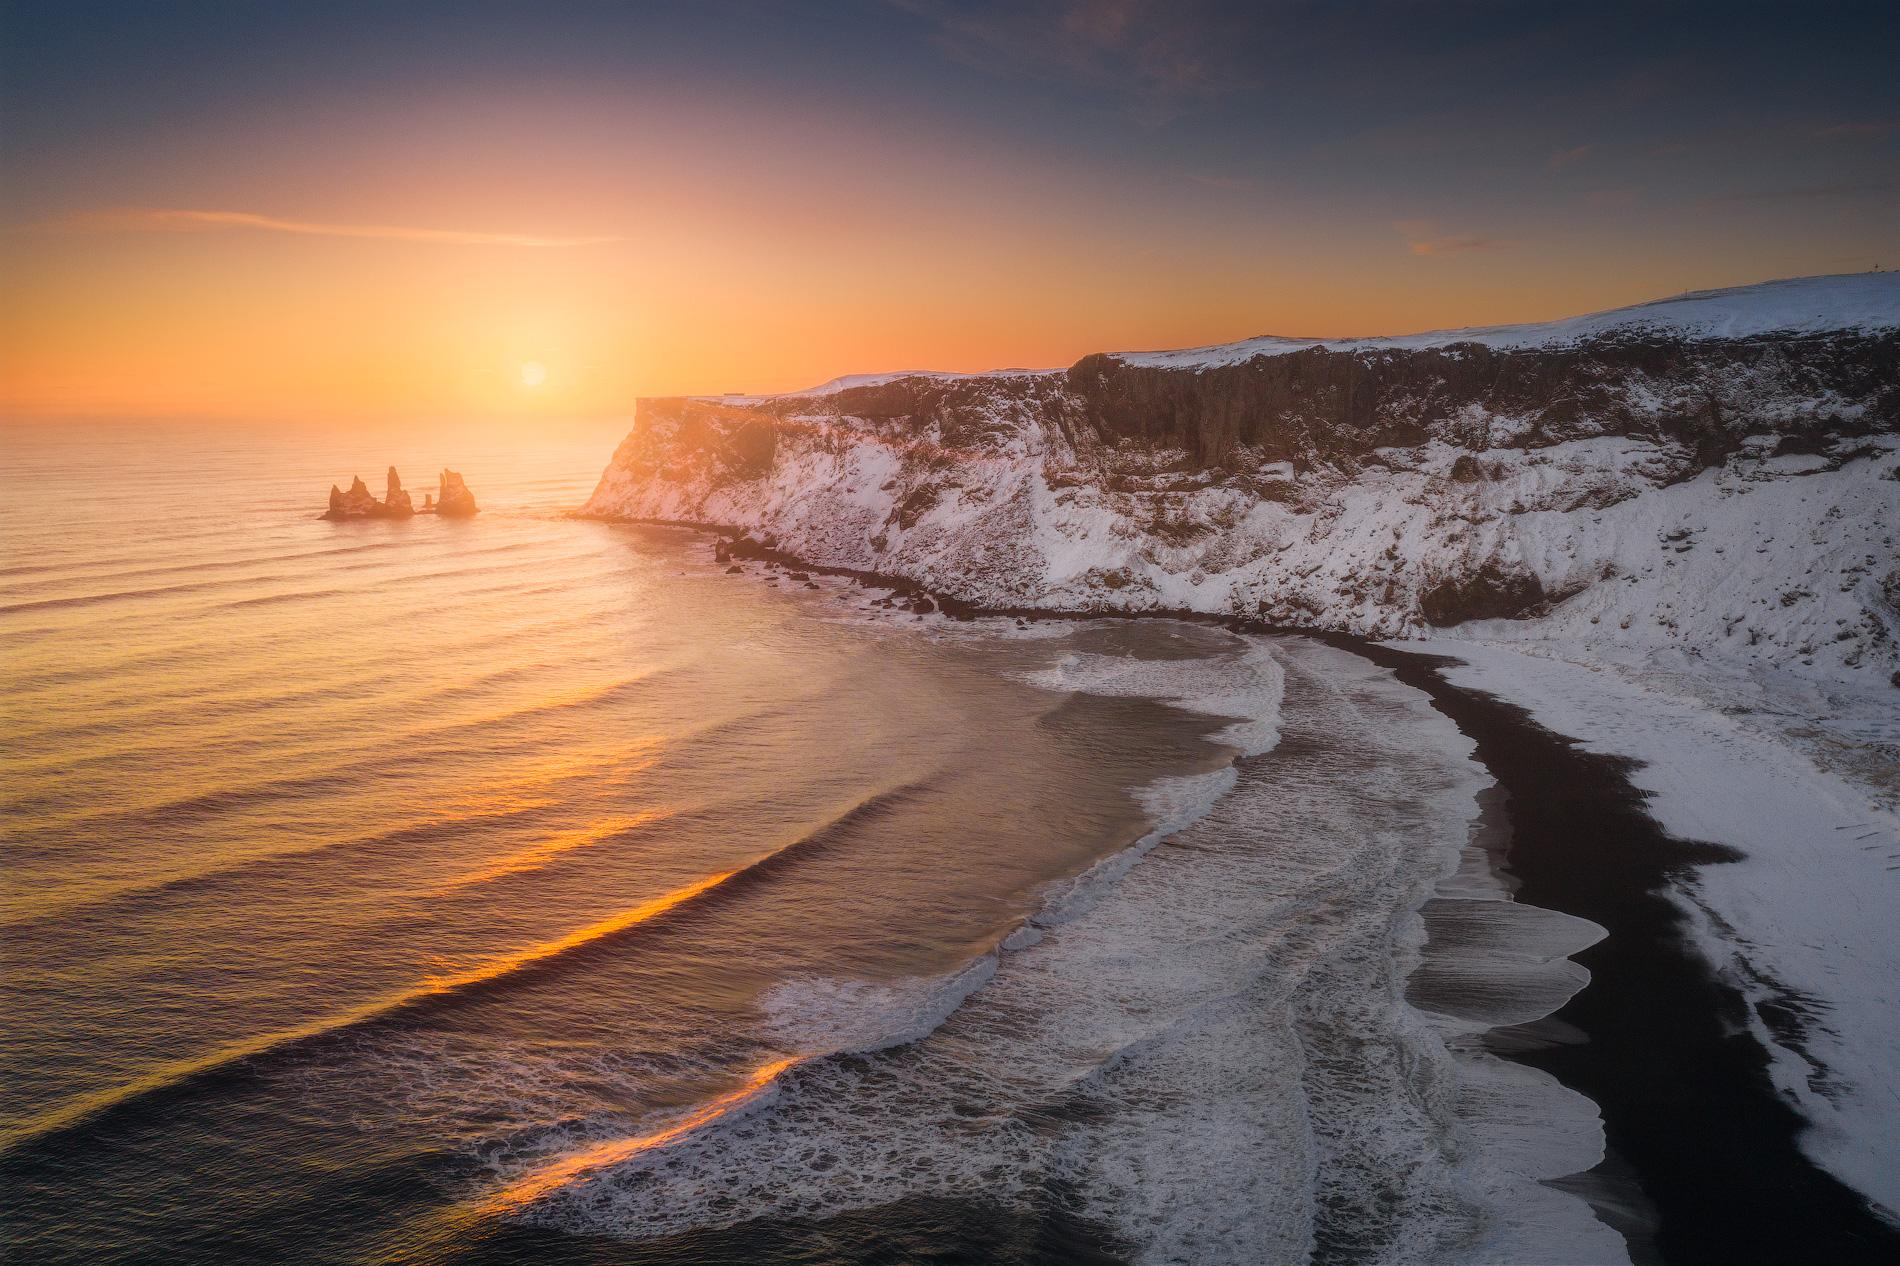 La puesta de sol sobre la pintoresca Costa Sur de Islandia.